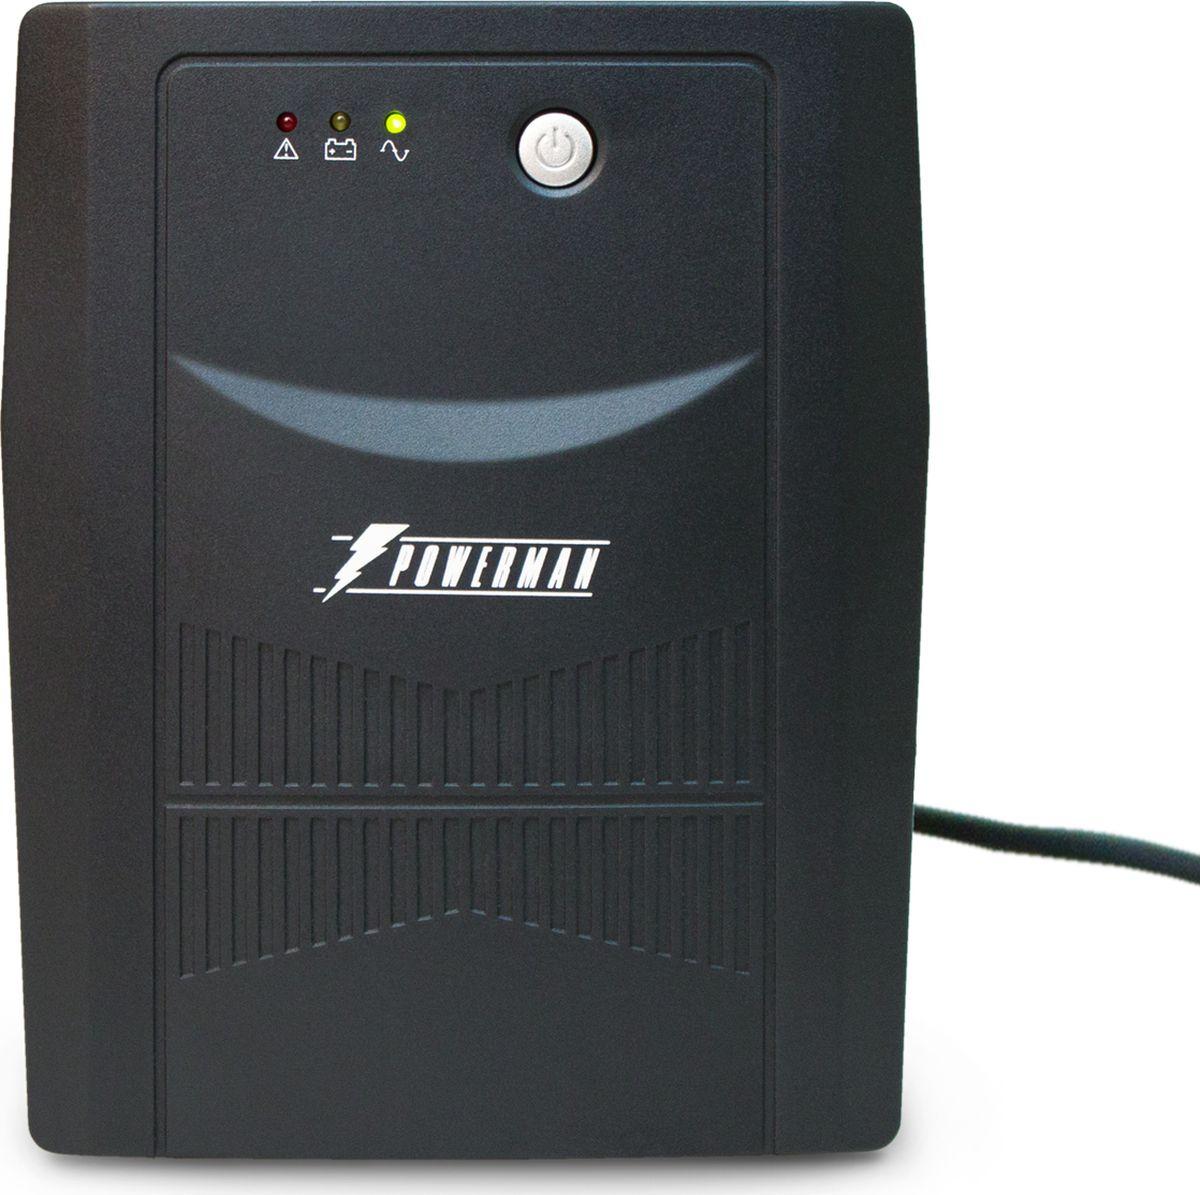 Источник бесперебойного питания Powerman UPS Вack Pro 1500 Plus, 1500 ВА источник бесперебойного питания powerman ups вack pro 1000 1000 ва